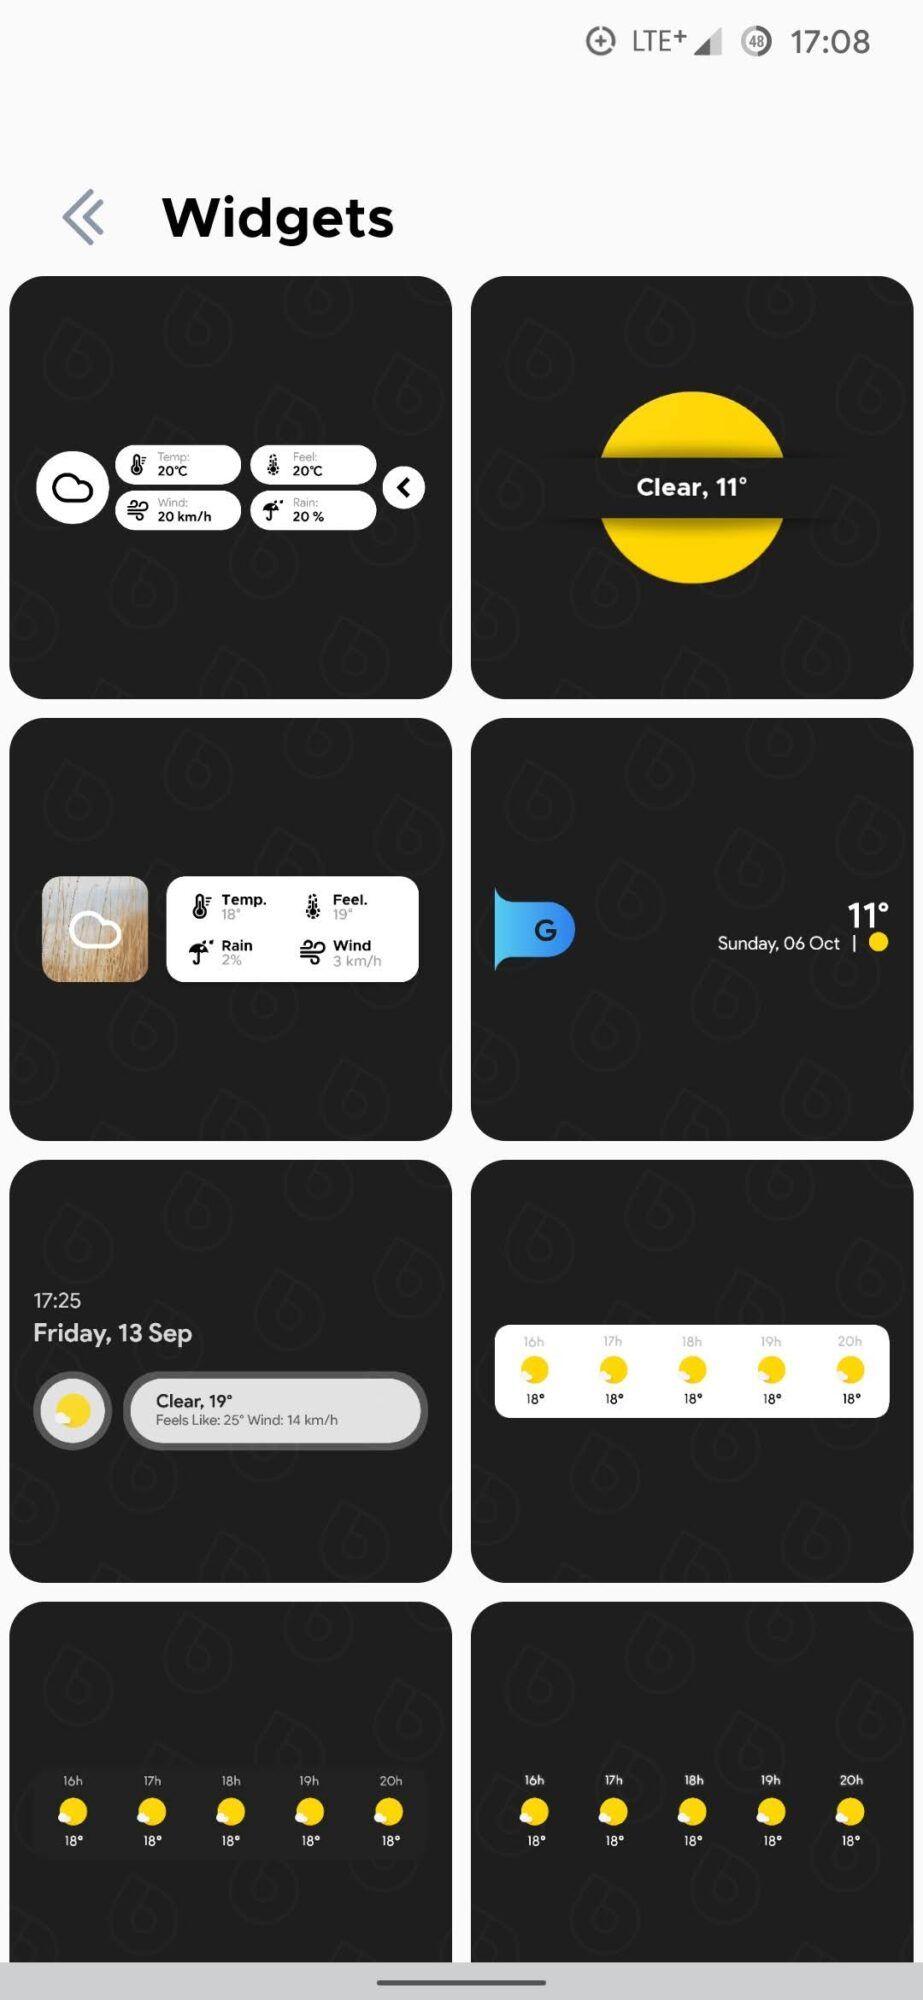 widgets overdrop weather